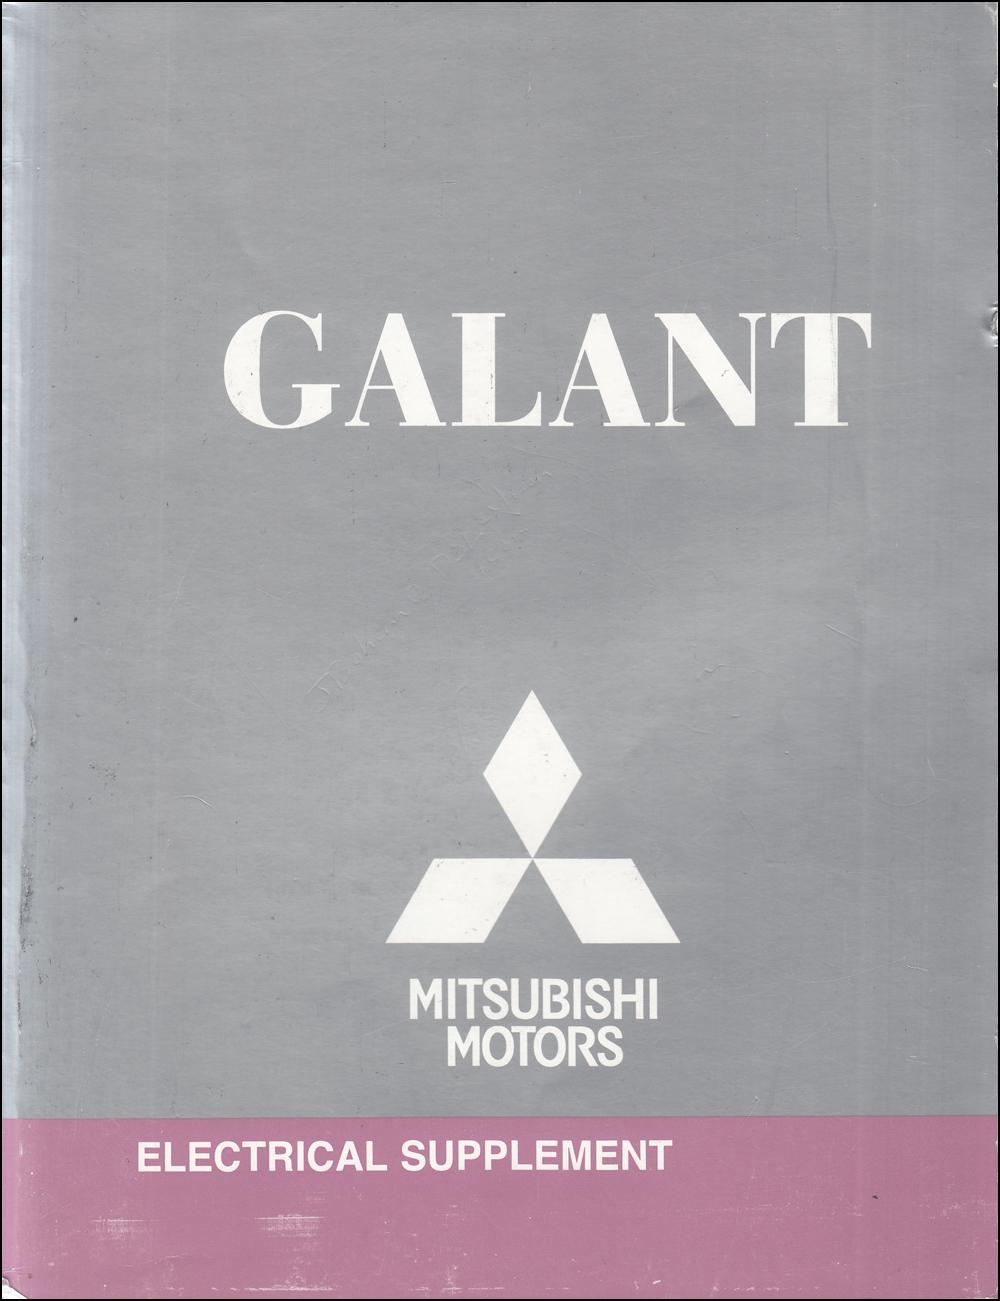 [SCHEMATICS_49CH]  2009 Mitsubishi Galant Wiring Diagram Manual Original | 1999 Mitsubishi Galant Wiring Diagram |  | Faxon Auto Literature